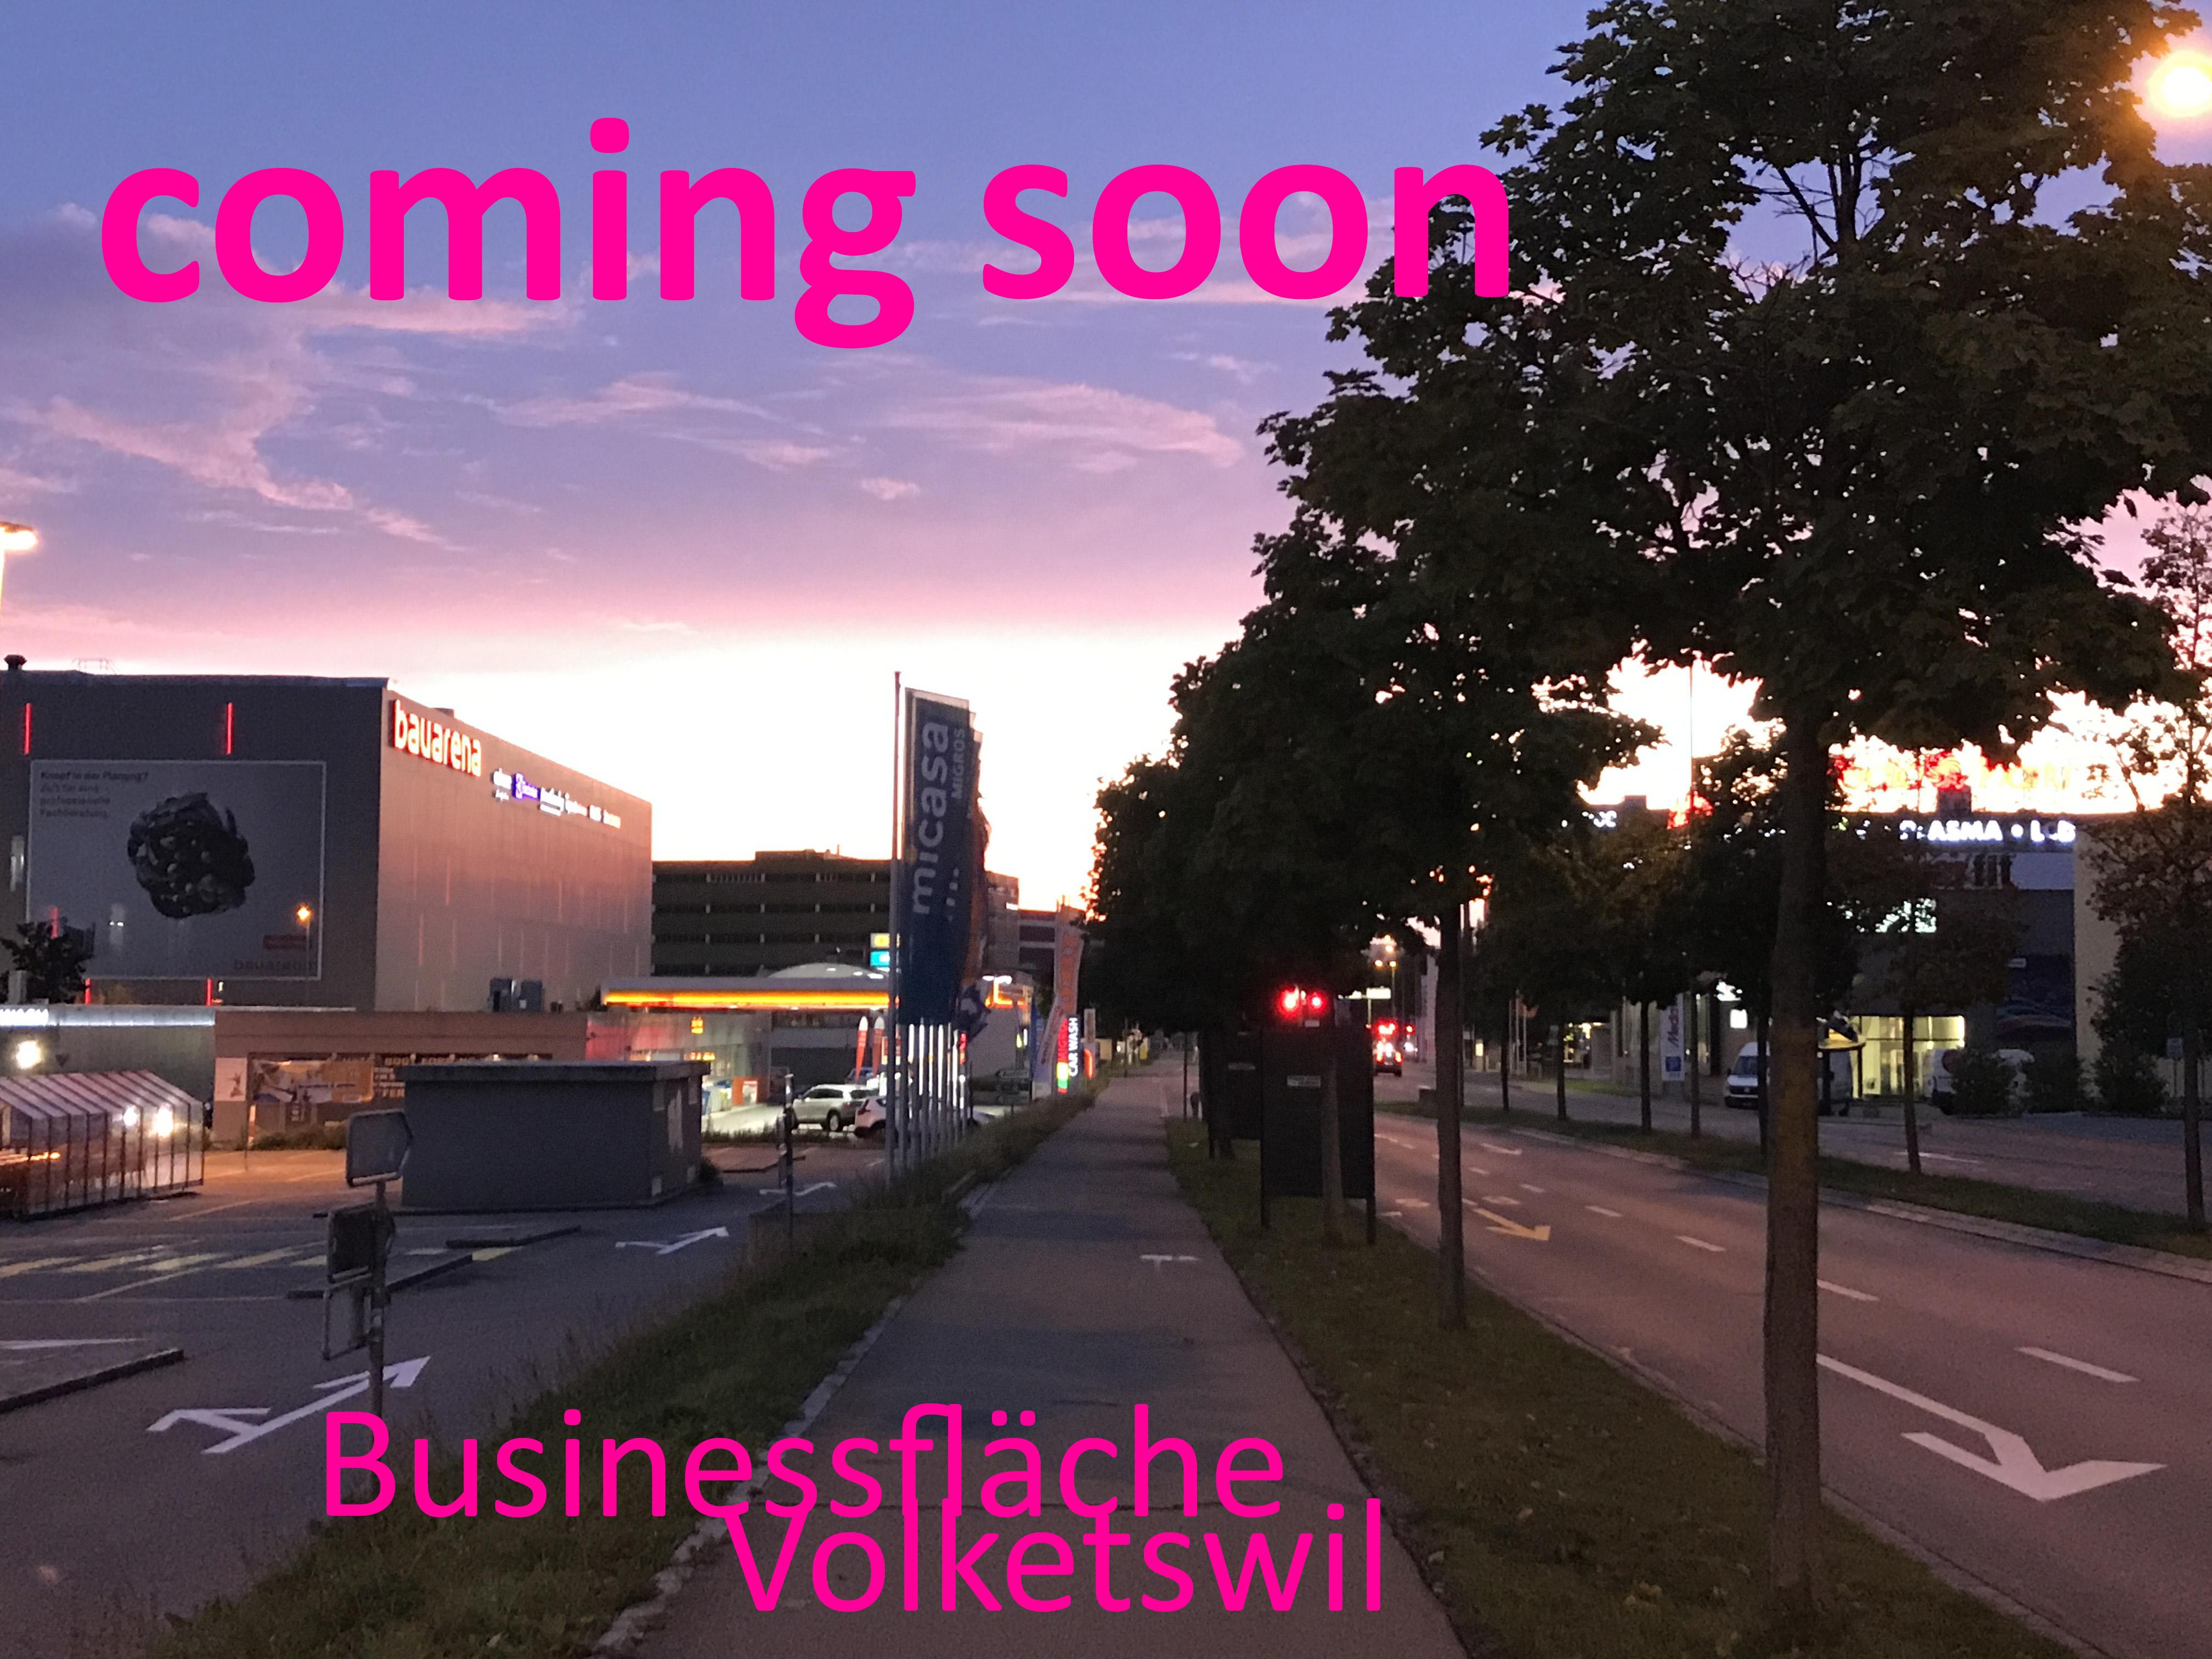 Businessflächen.jpg